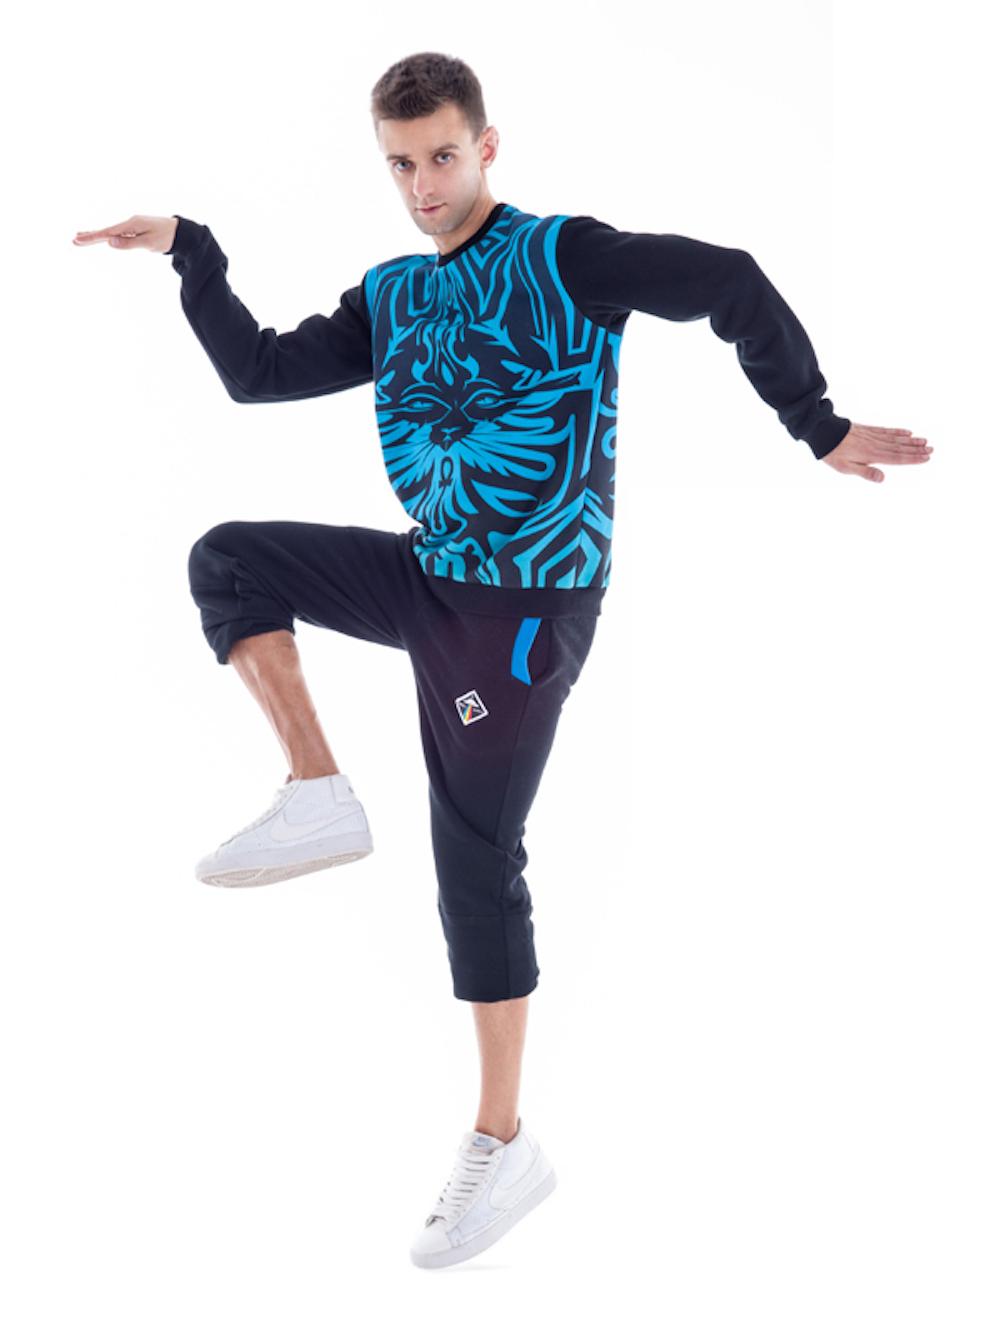 Bastet Sweatshirt (Blue) - Okuaku